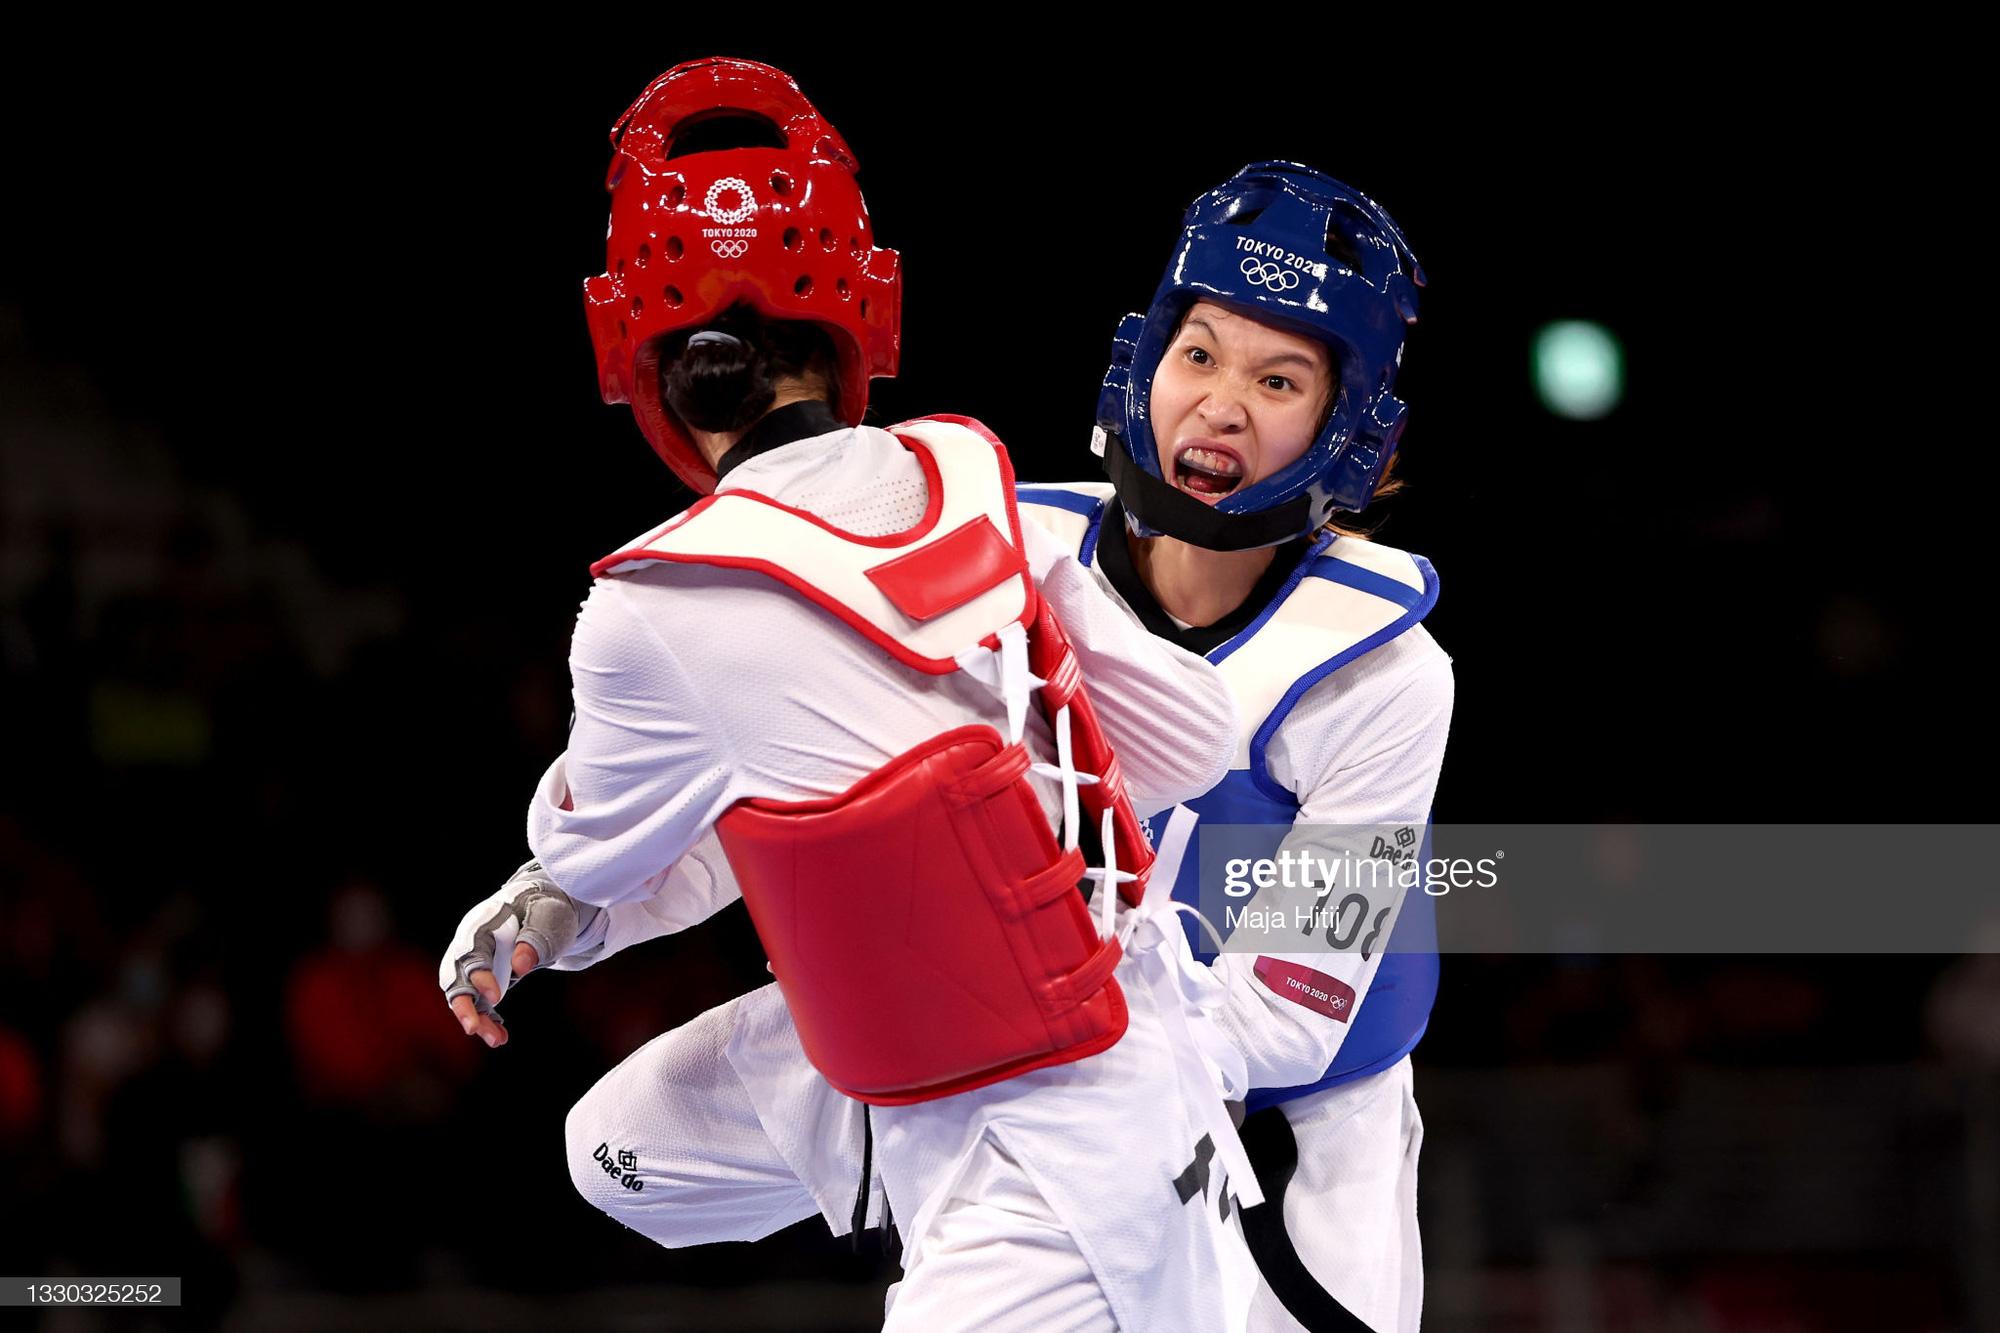 Nỗ lực đến đổ máu, Kim Tuyền (Taekwondo) phải dừng bước tiếc nuối ở Olympic Tokyo 2020 - Ảnh 7.